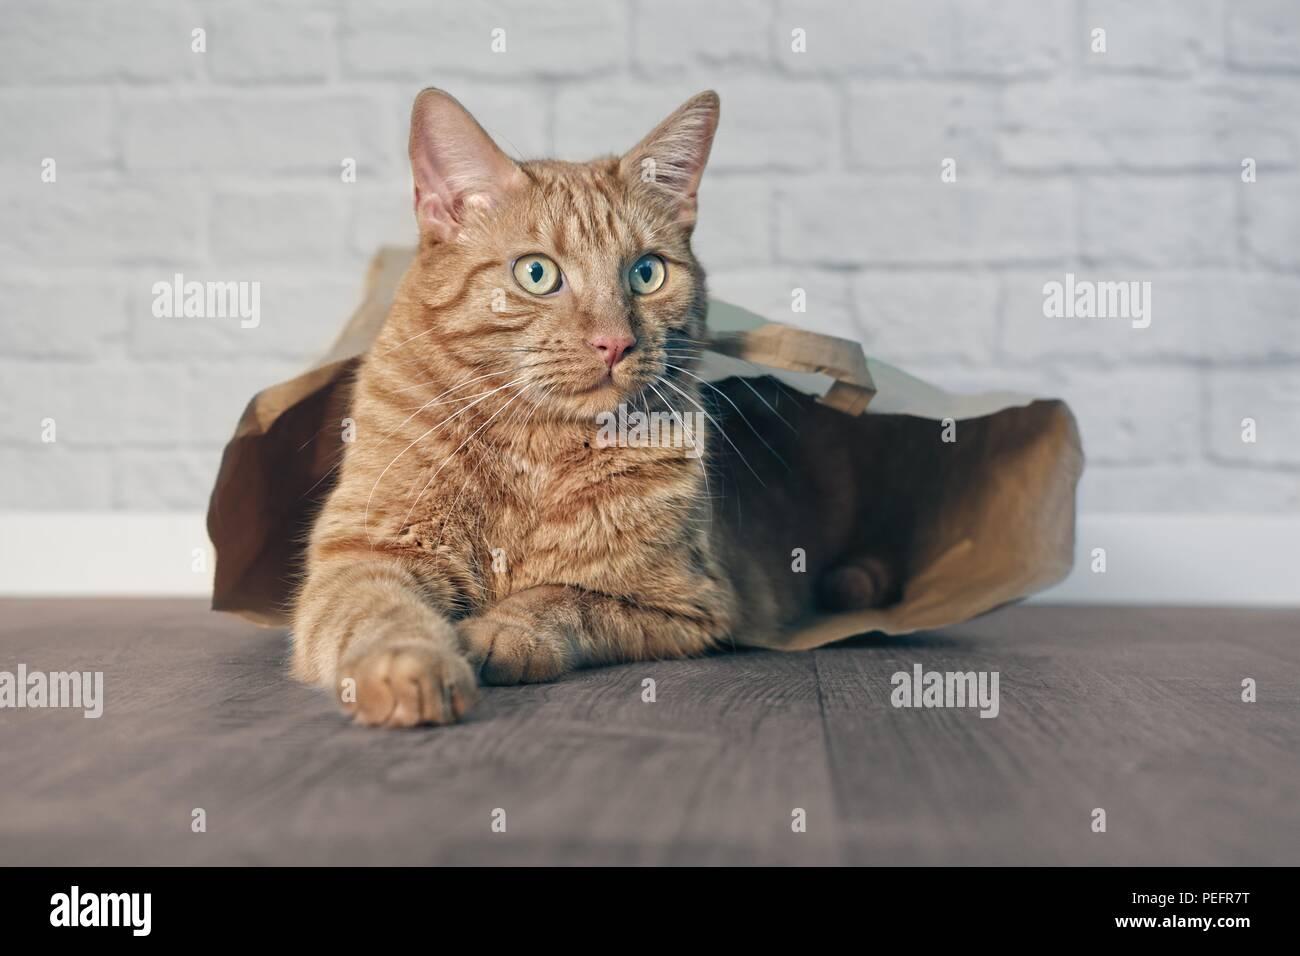 Ingwer süße Katze liegend in eine Papiertüte und seitwärts. Stockfoto